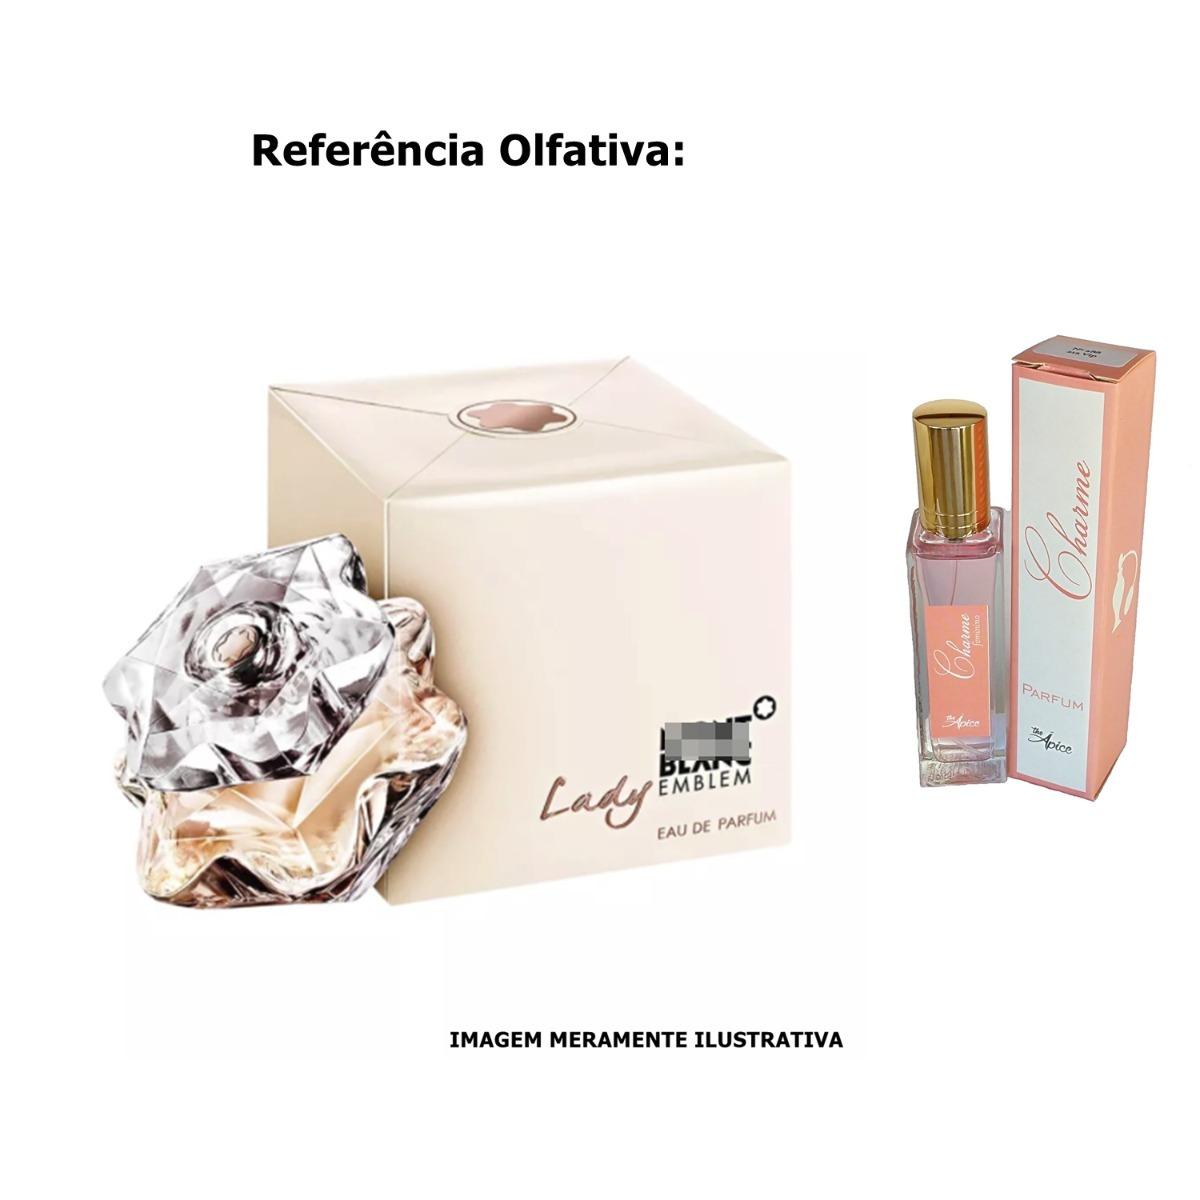 Lady Emblem Montblanc Fem Perfume De Bolsa Alta Fixao 30ml R 29 Carregando Zoom